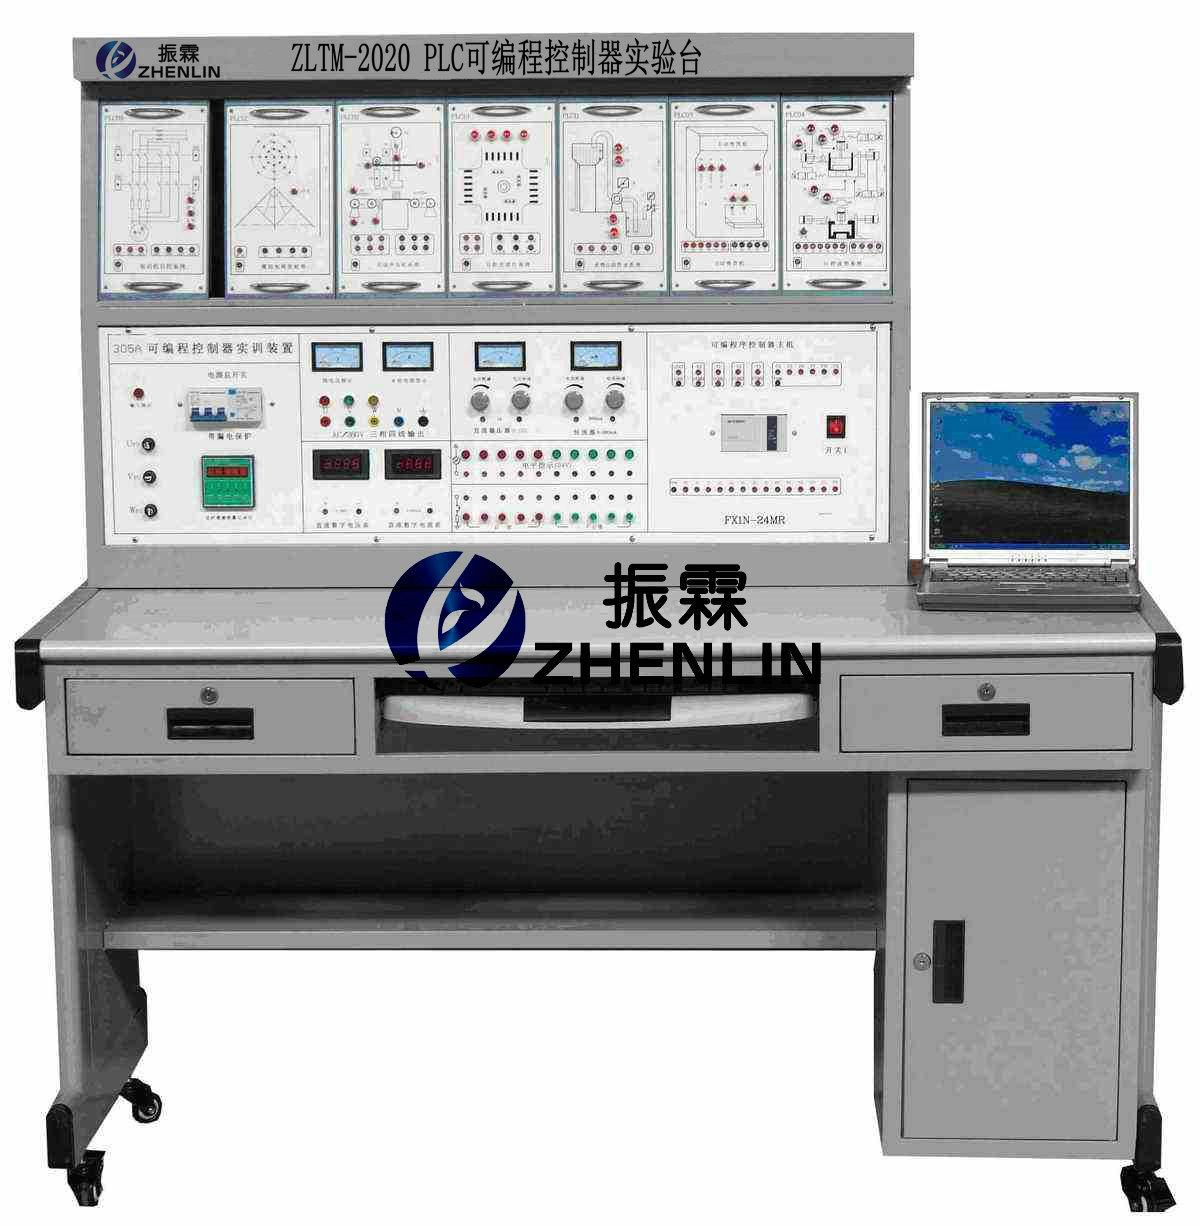 ZLTM-2020 PLC可编程控制器实验装置